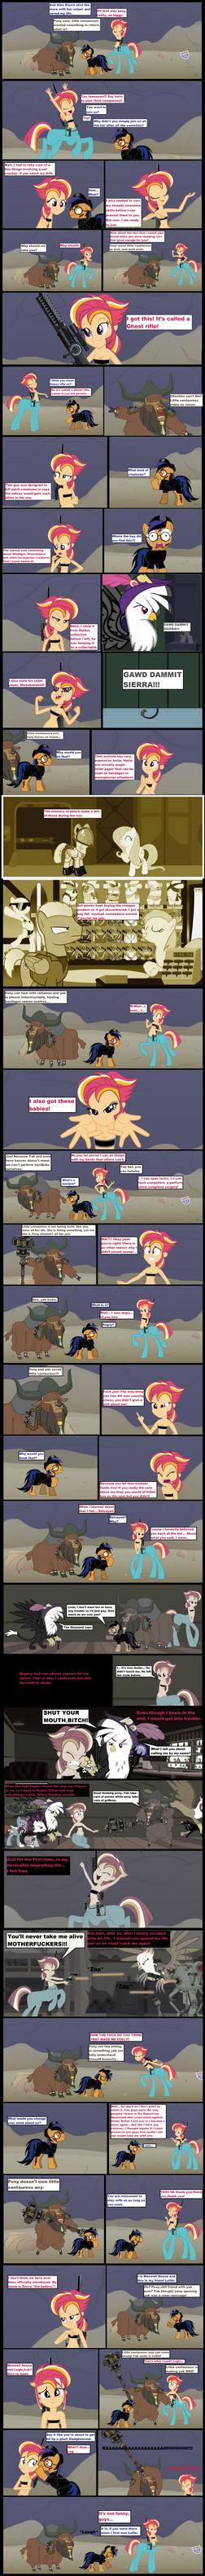 Fallout Equestria cursed crusade part 12 by darkoak213